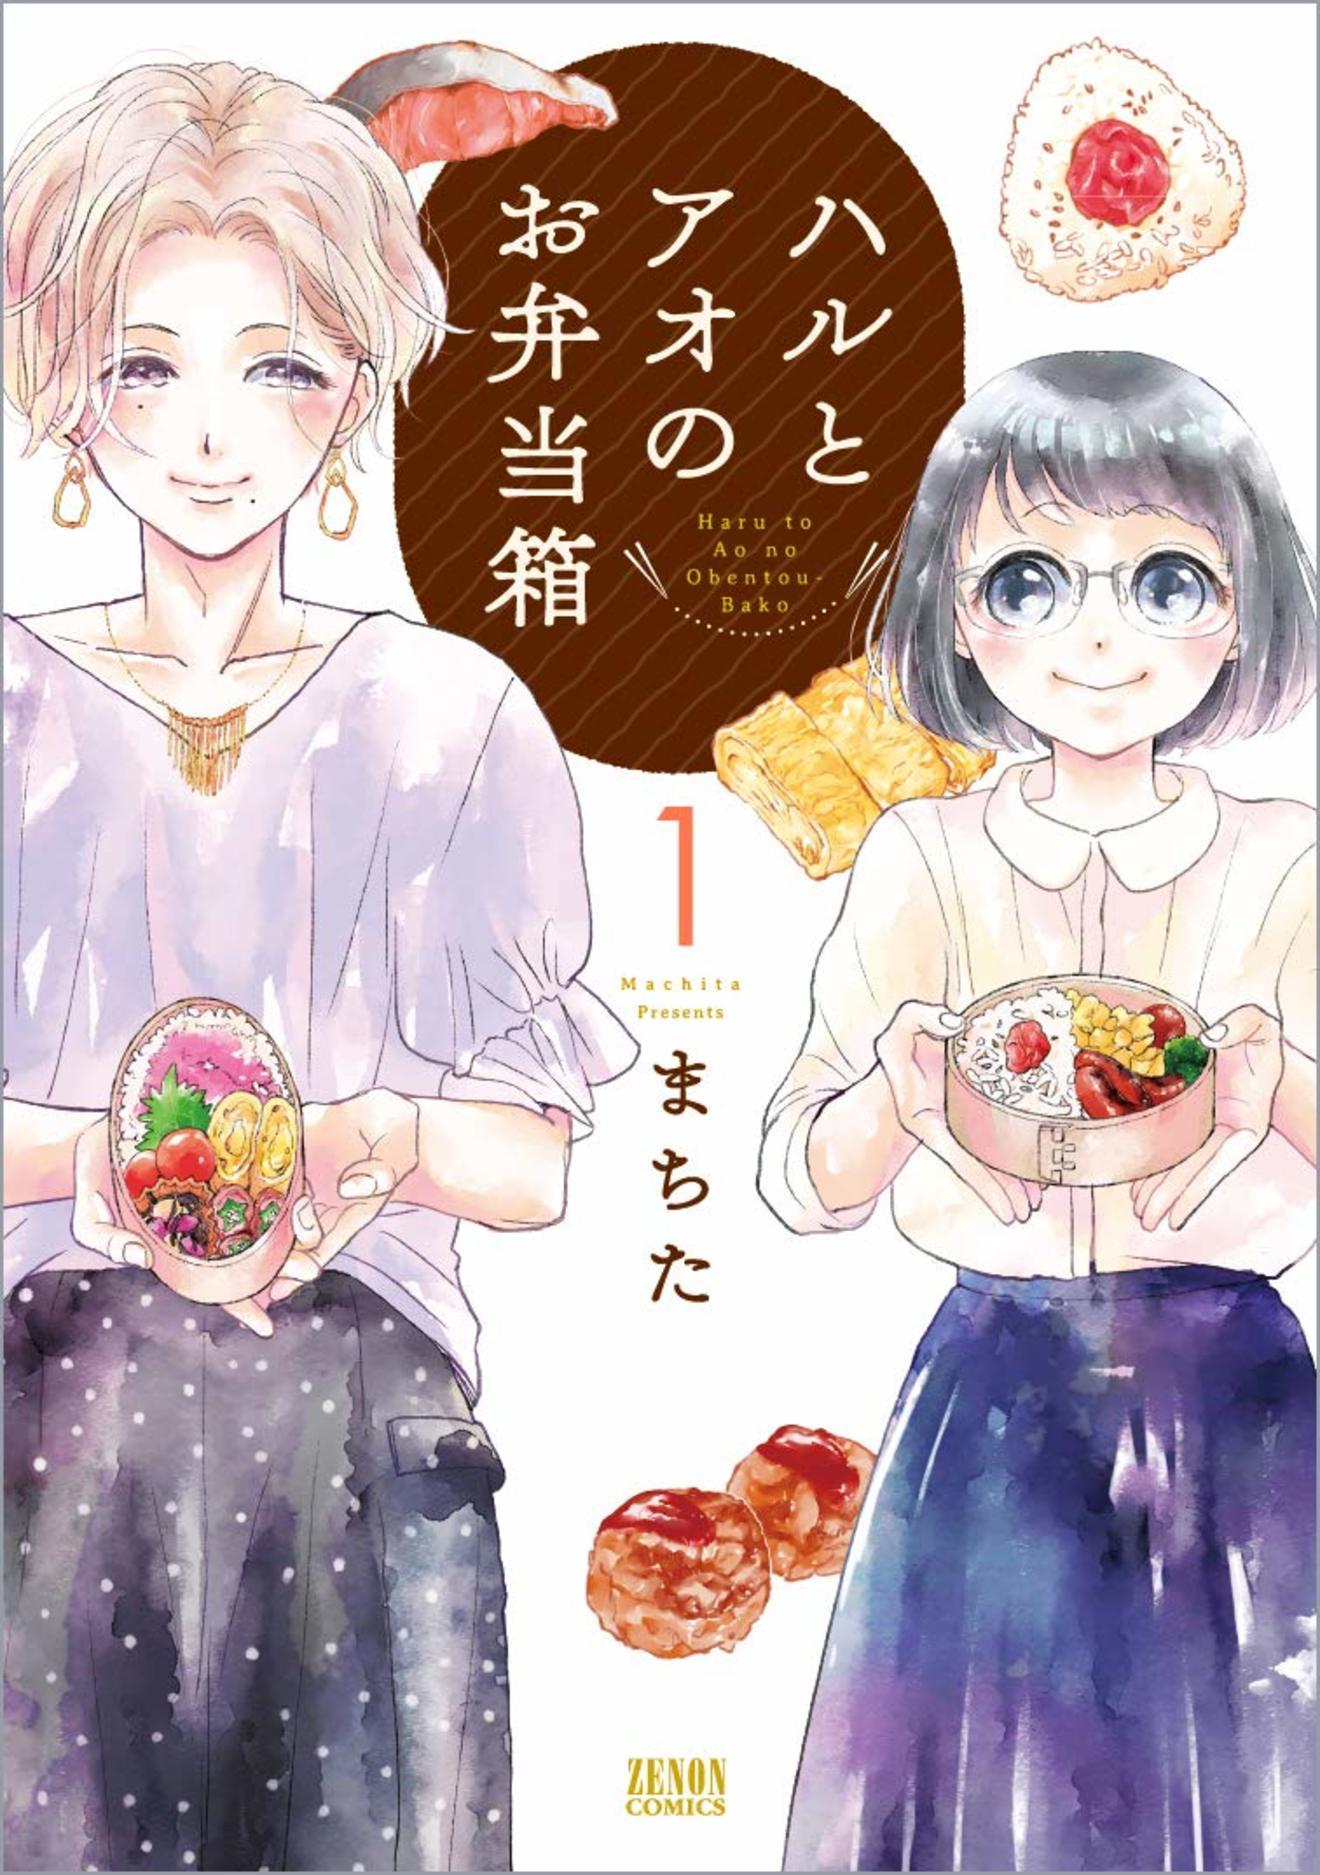 『ハルとアオのお弁当箱』をネタバレ紹介!オネエとオタクの優しい料理漫画